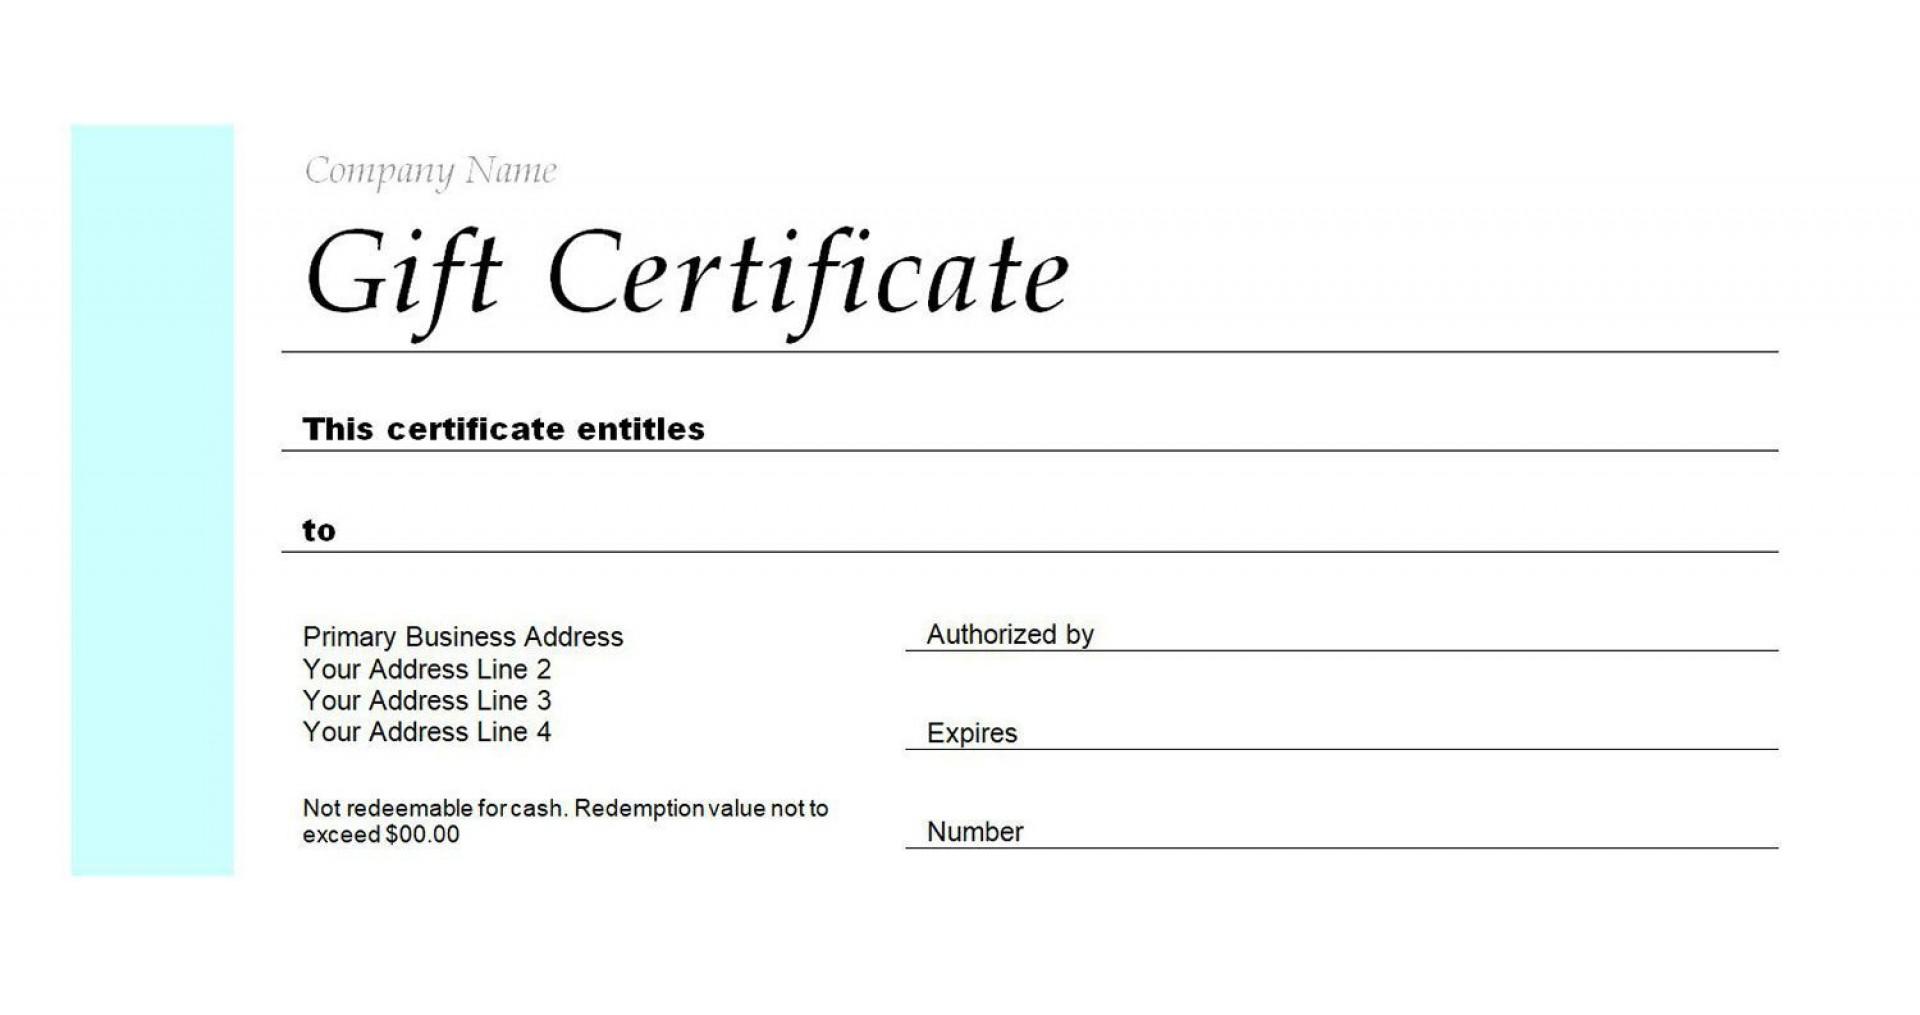 009 Impressive Free Printable Certificate Template Uk Idea 1920